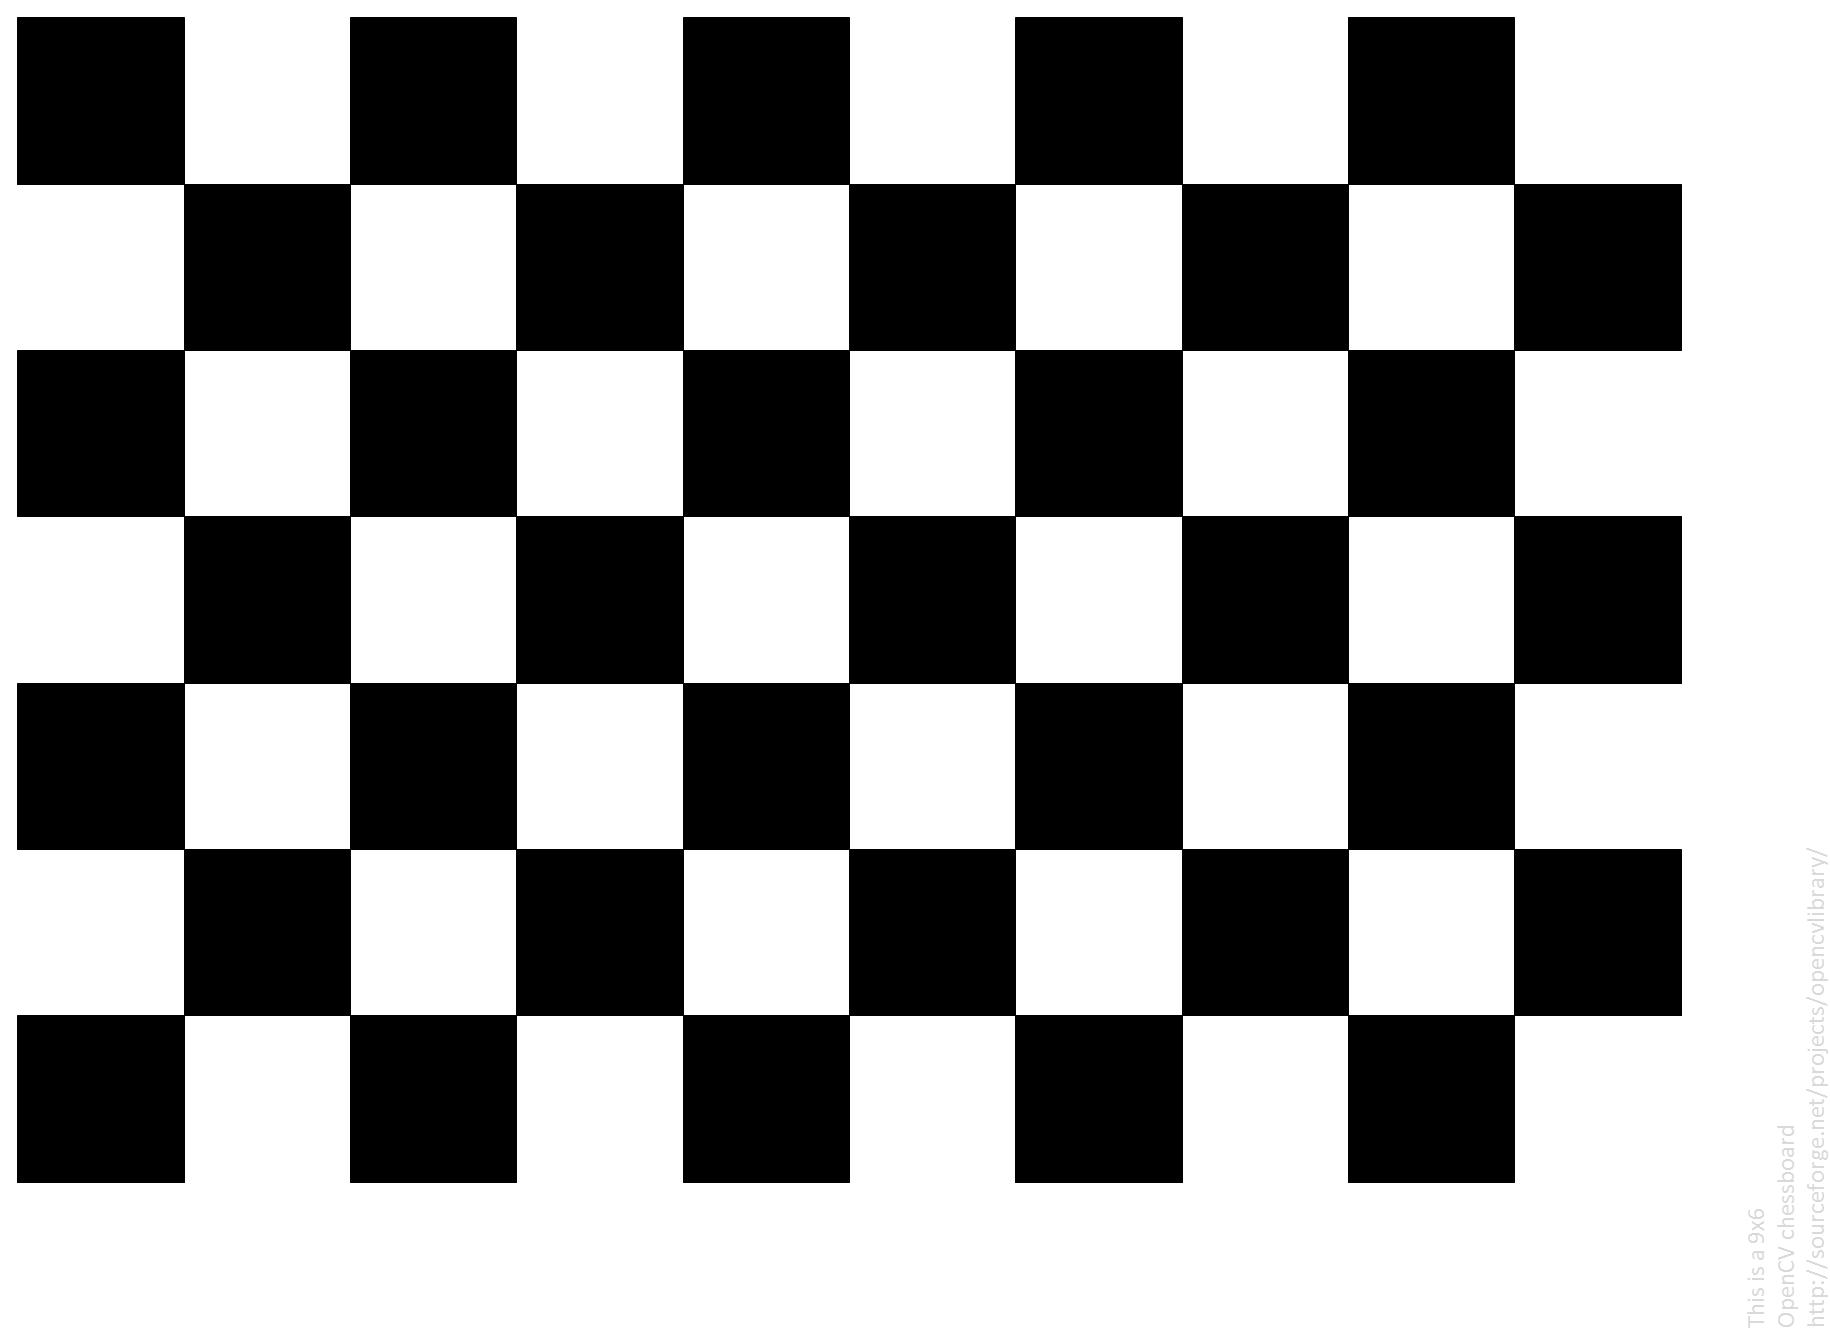 LearningOpenCV_Code/OpenCV_Chessboard.png